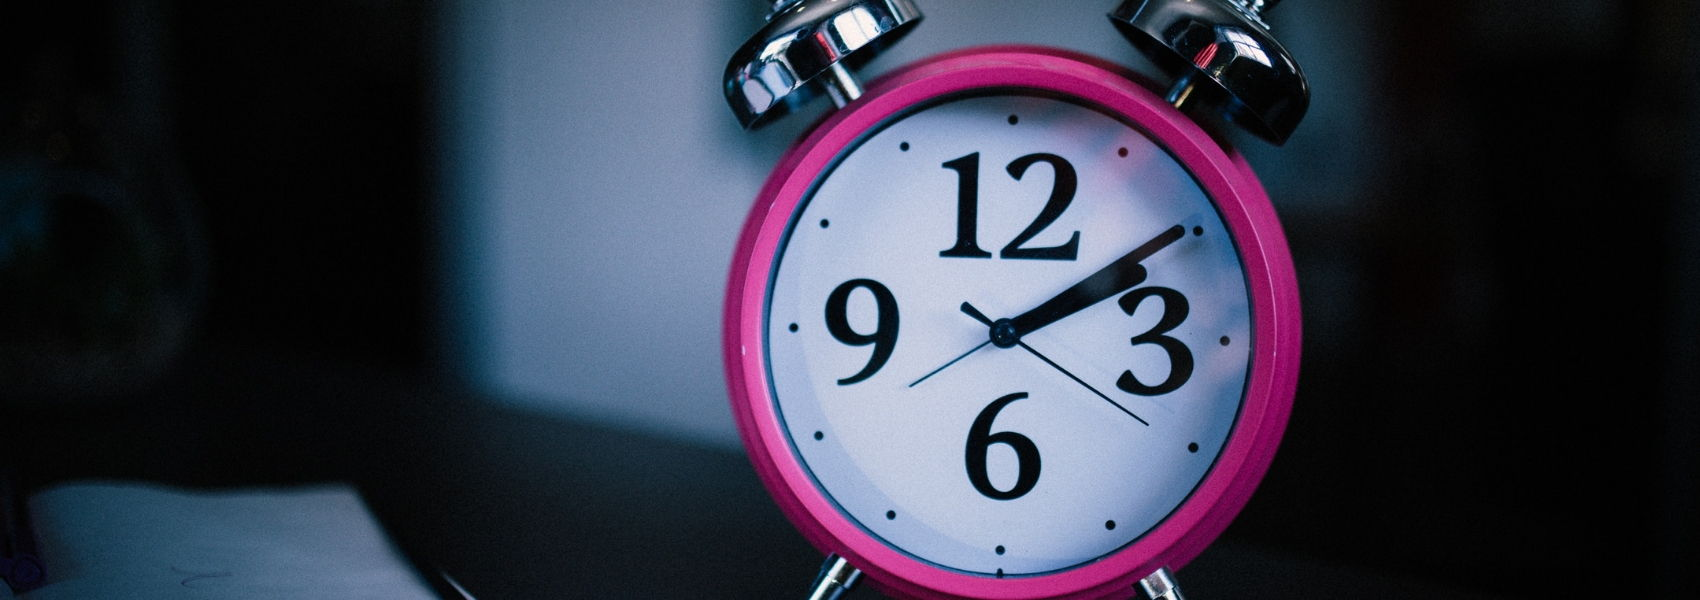 viver mais tempo sem esforço